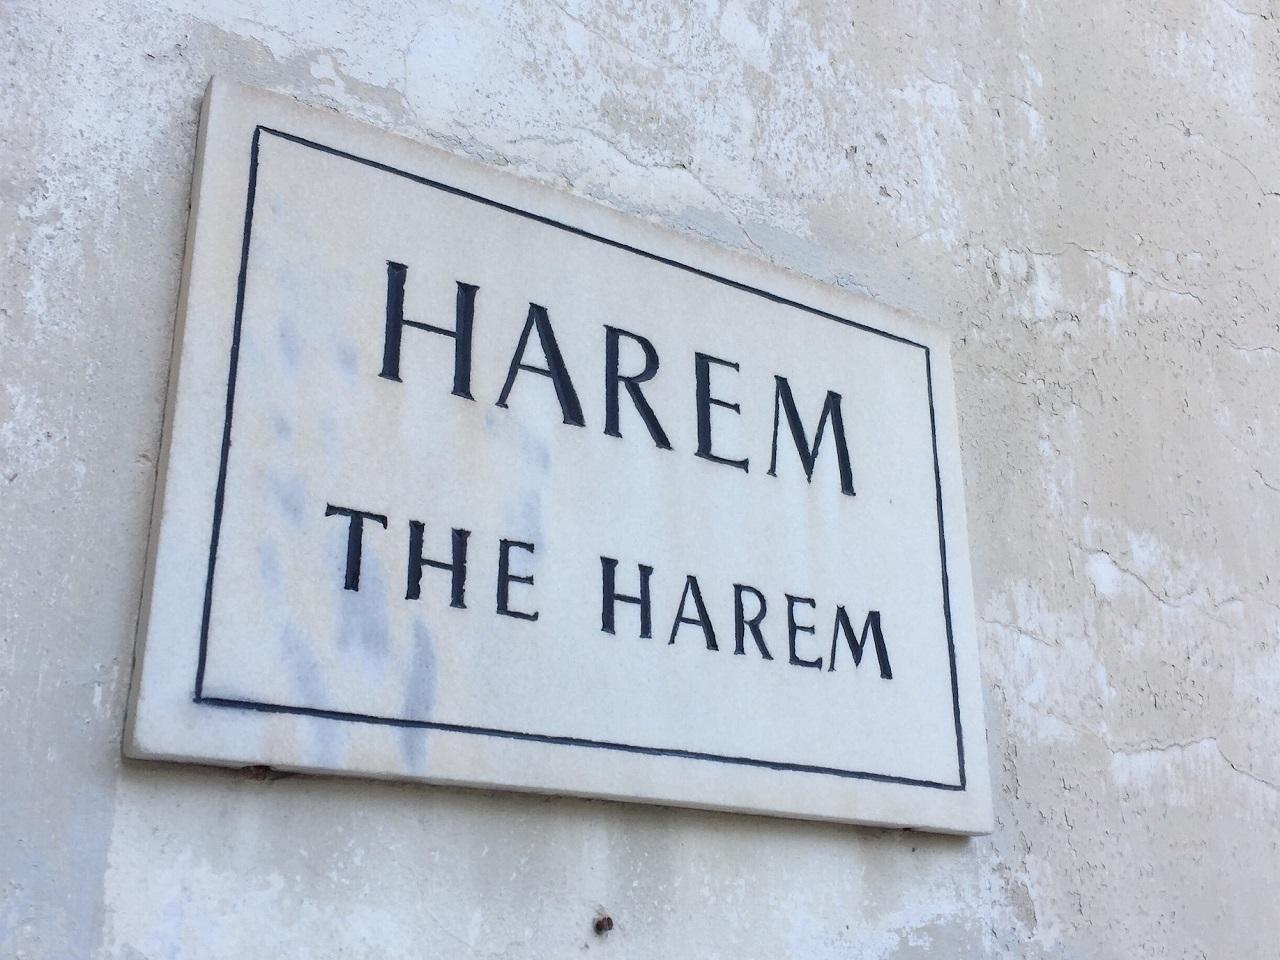 トプカプ宮殿 ハレムの入口